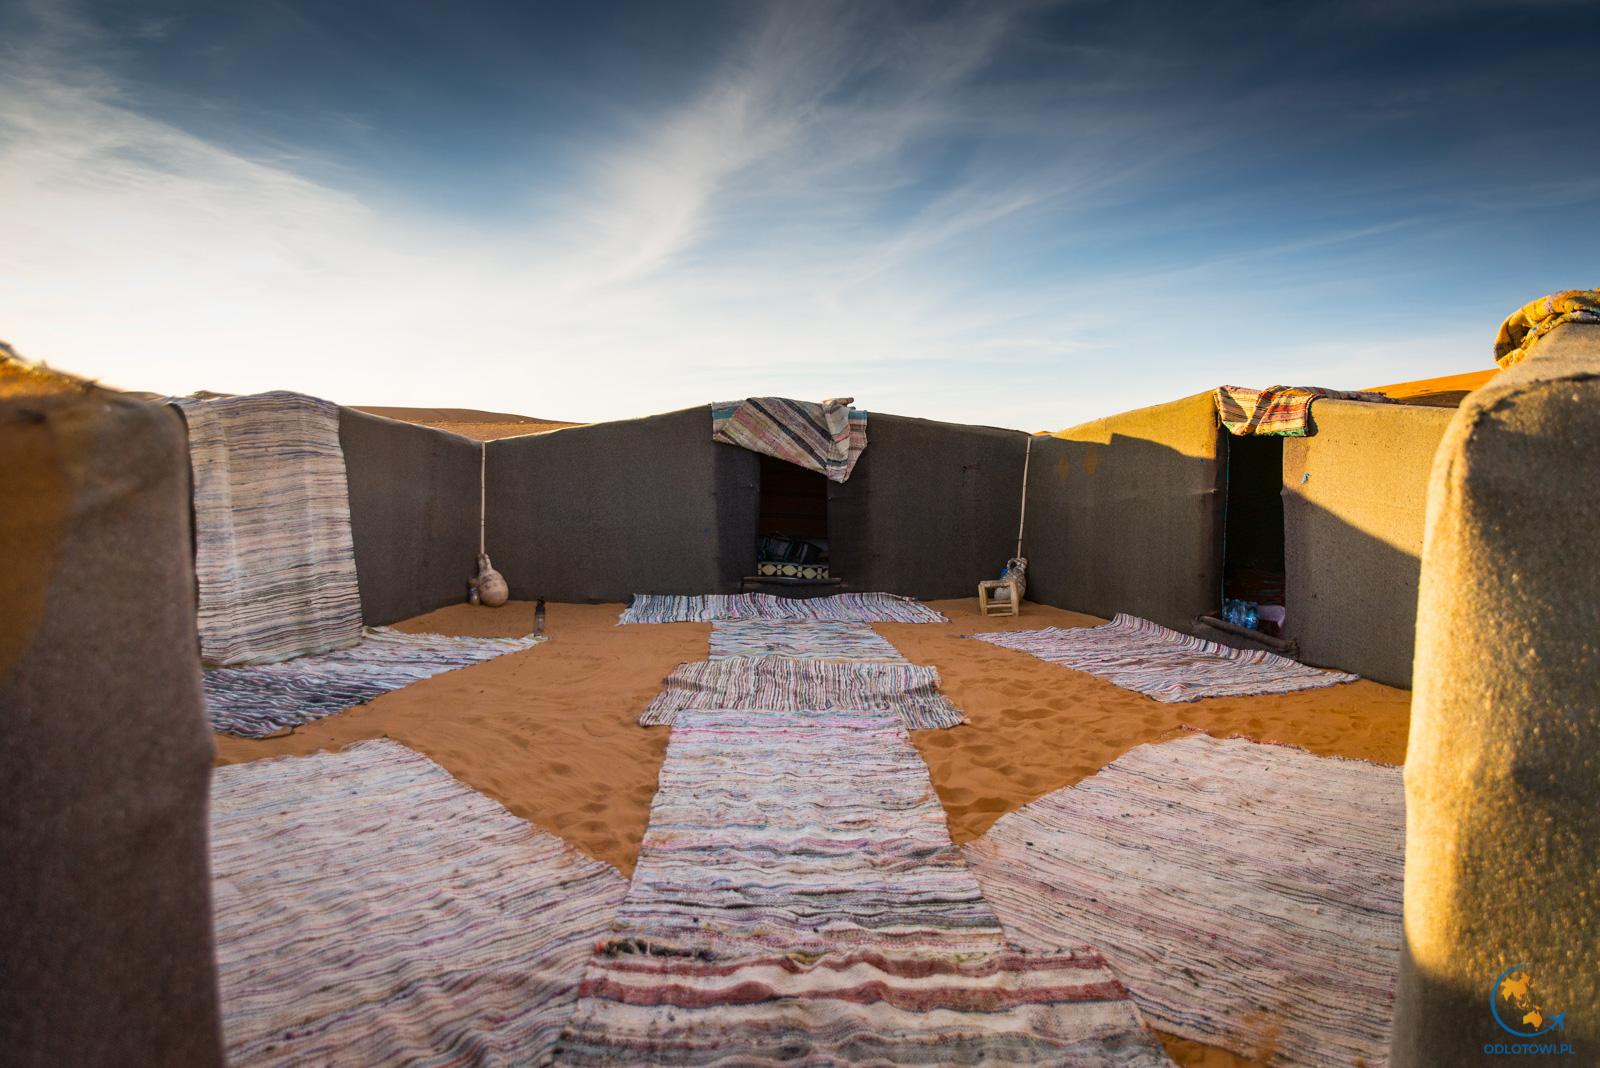 Nocleg w namiotach na Saharze, Maroko